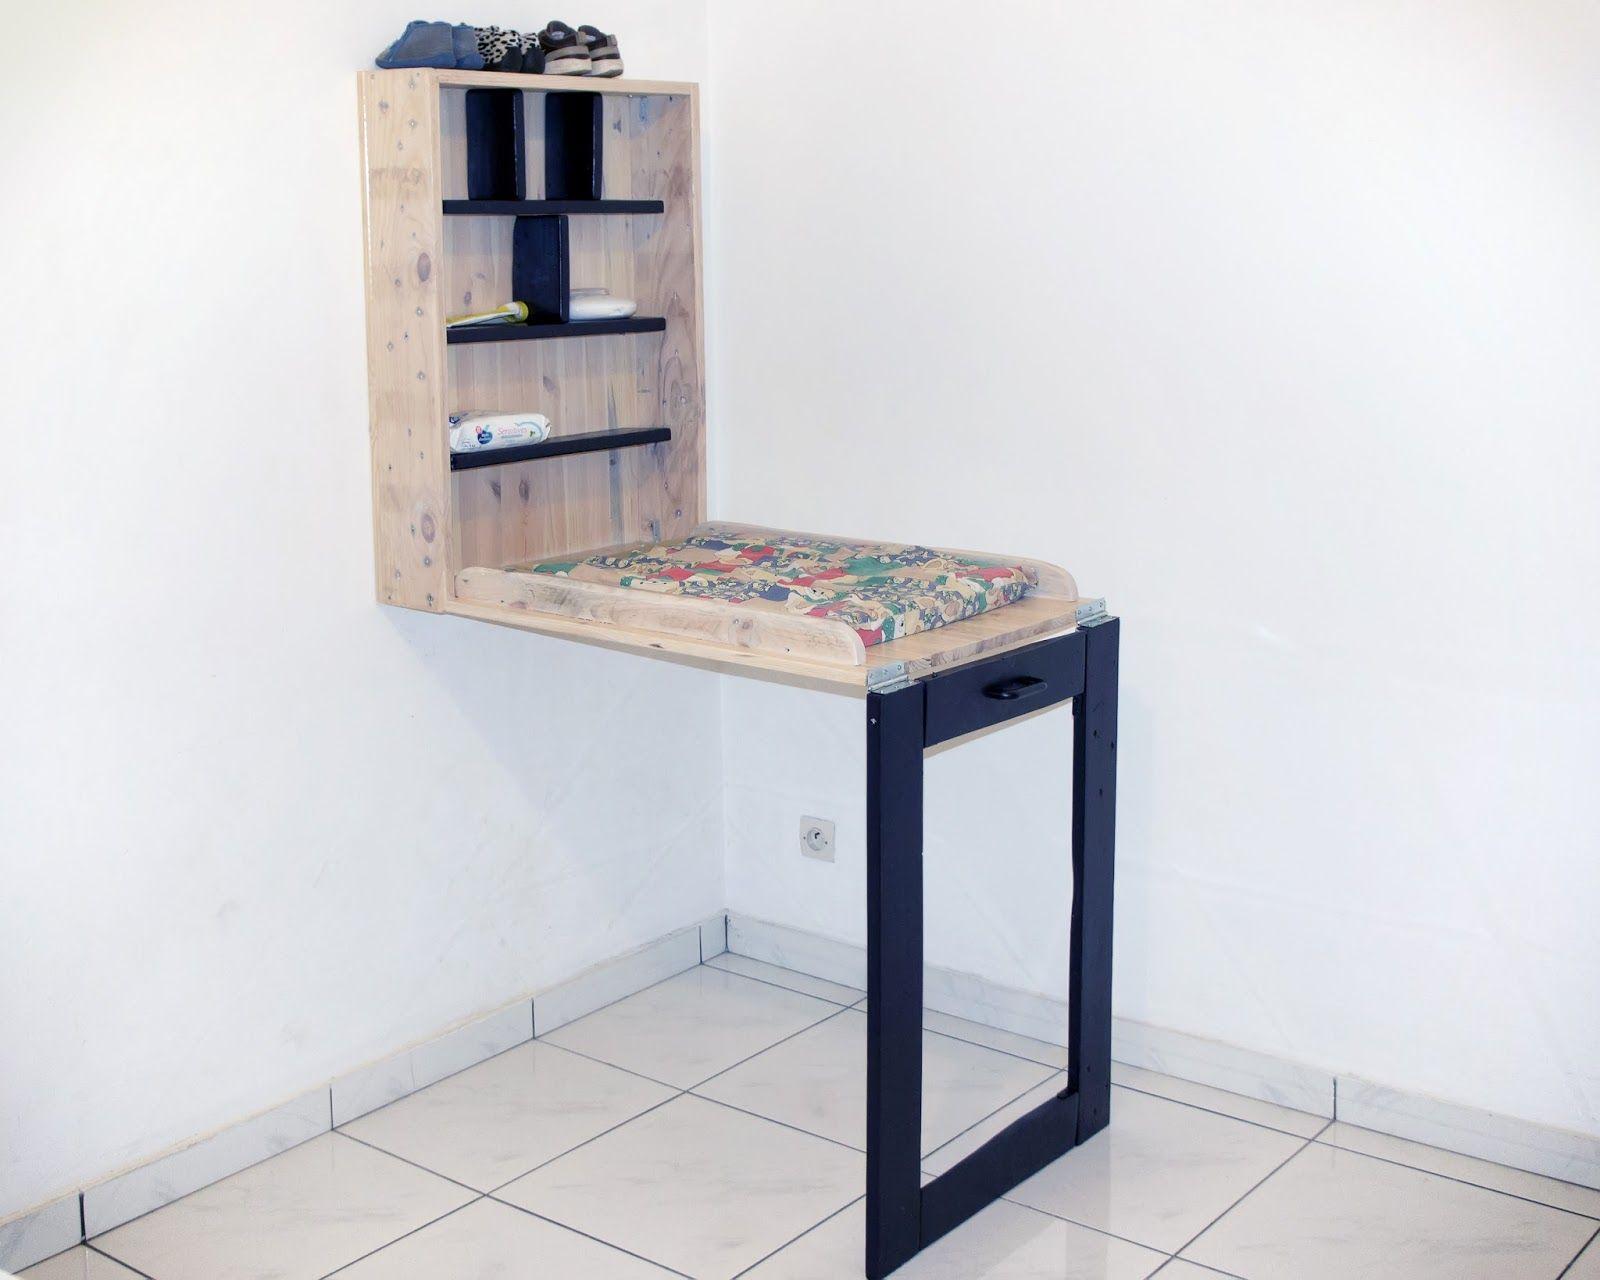 Récup & design Table  langer cadre en bois de palettes de manute